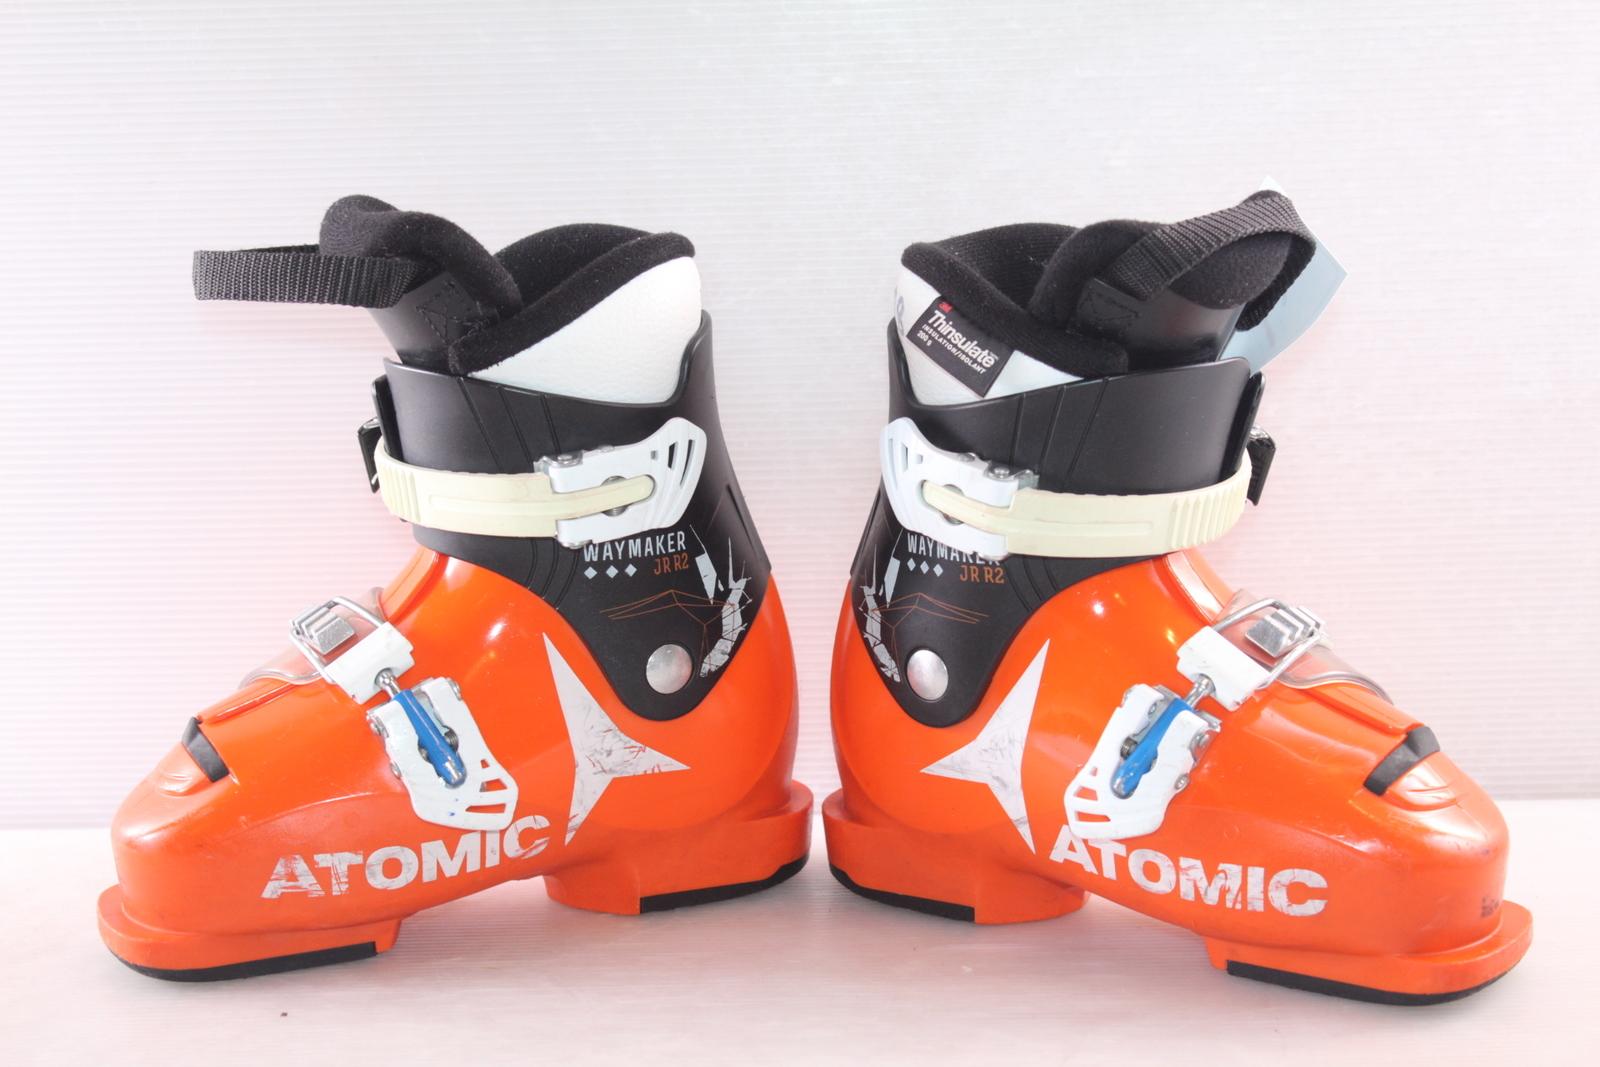 Dětské lyžáky Atomic Way Maker JR R2 vel. EU28.5